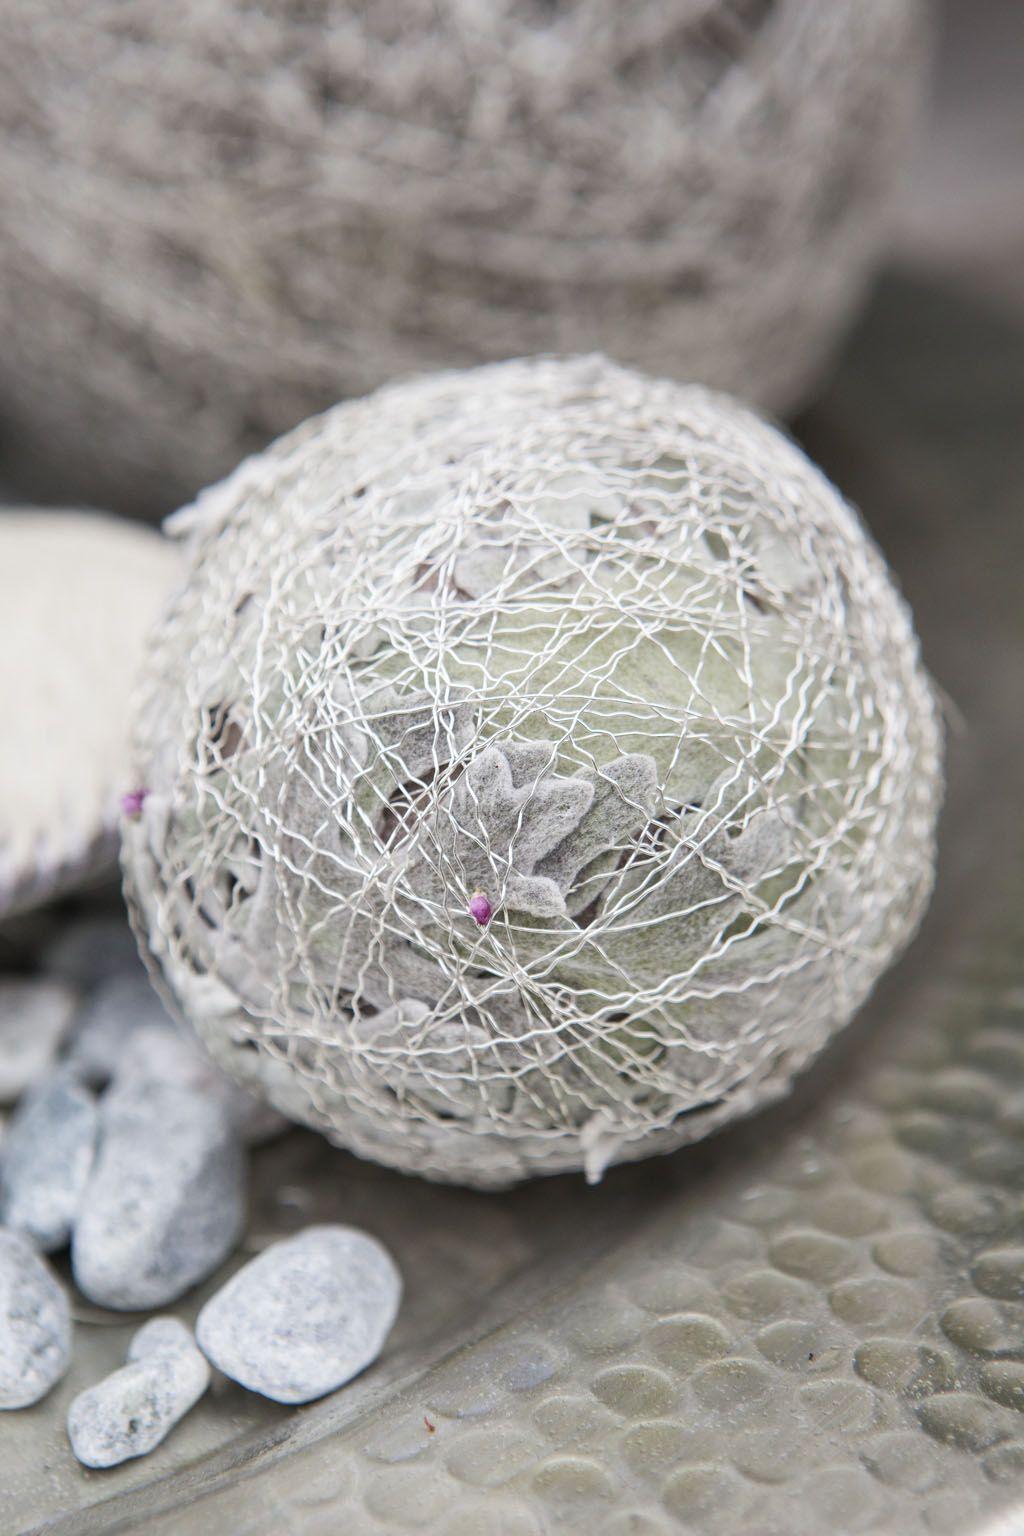 Lag lekre høstkuler med blader av sølvkrans og sølvtråd: http://www.mestergronn.no/blogg/lag-flotte-julekuler-av-mose/